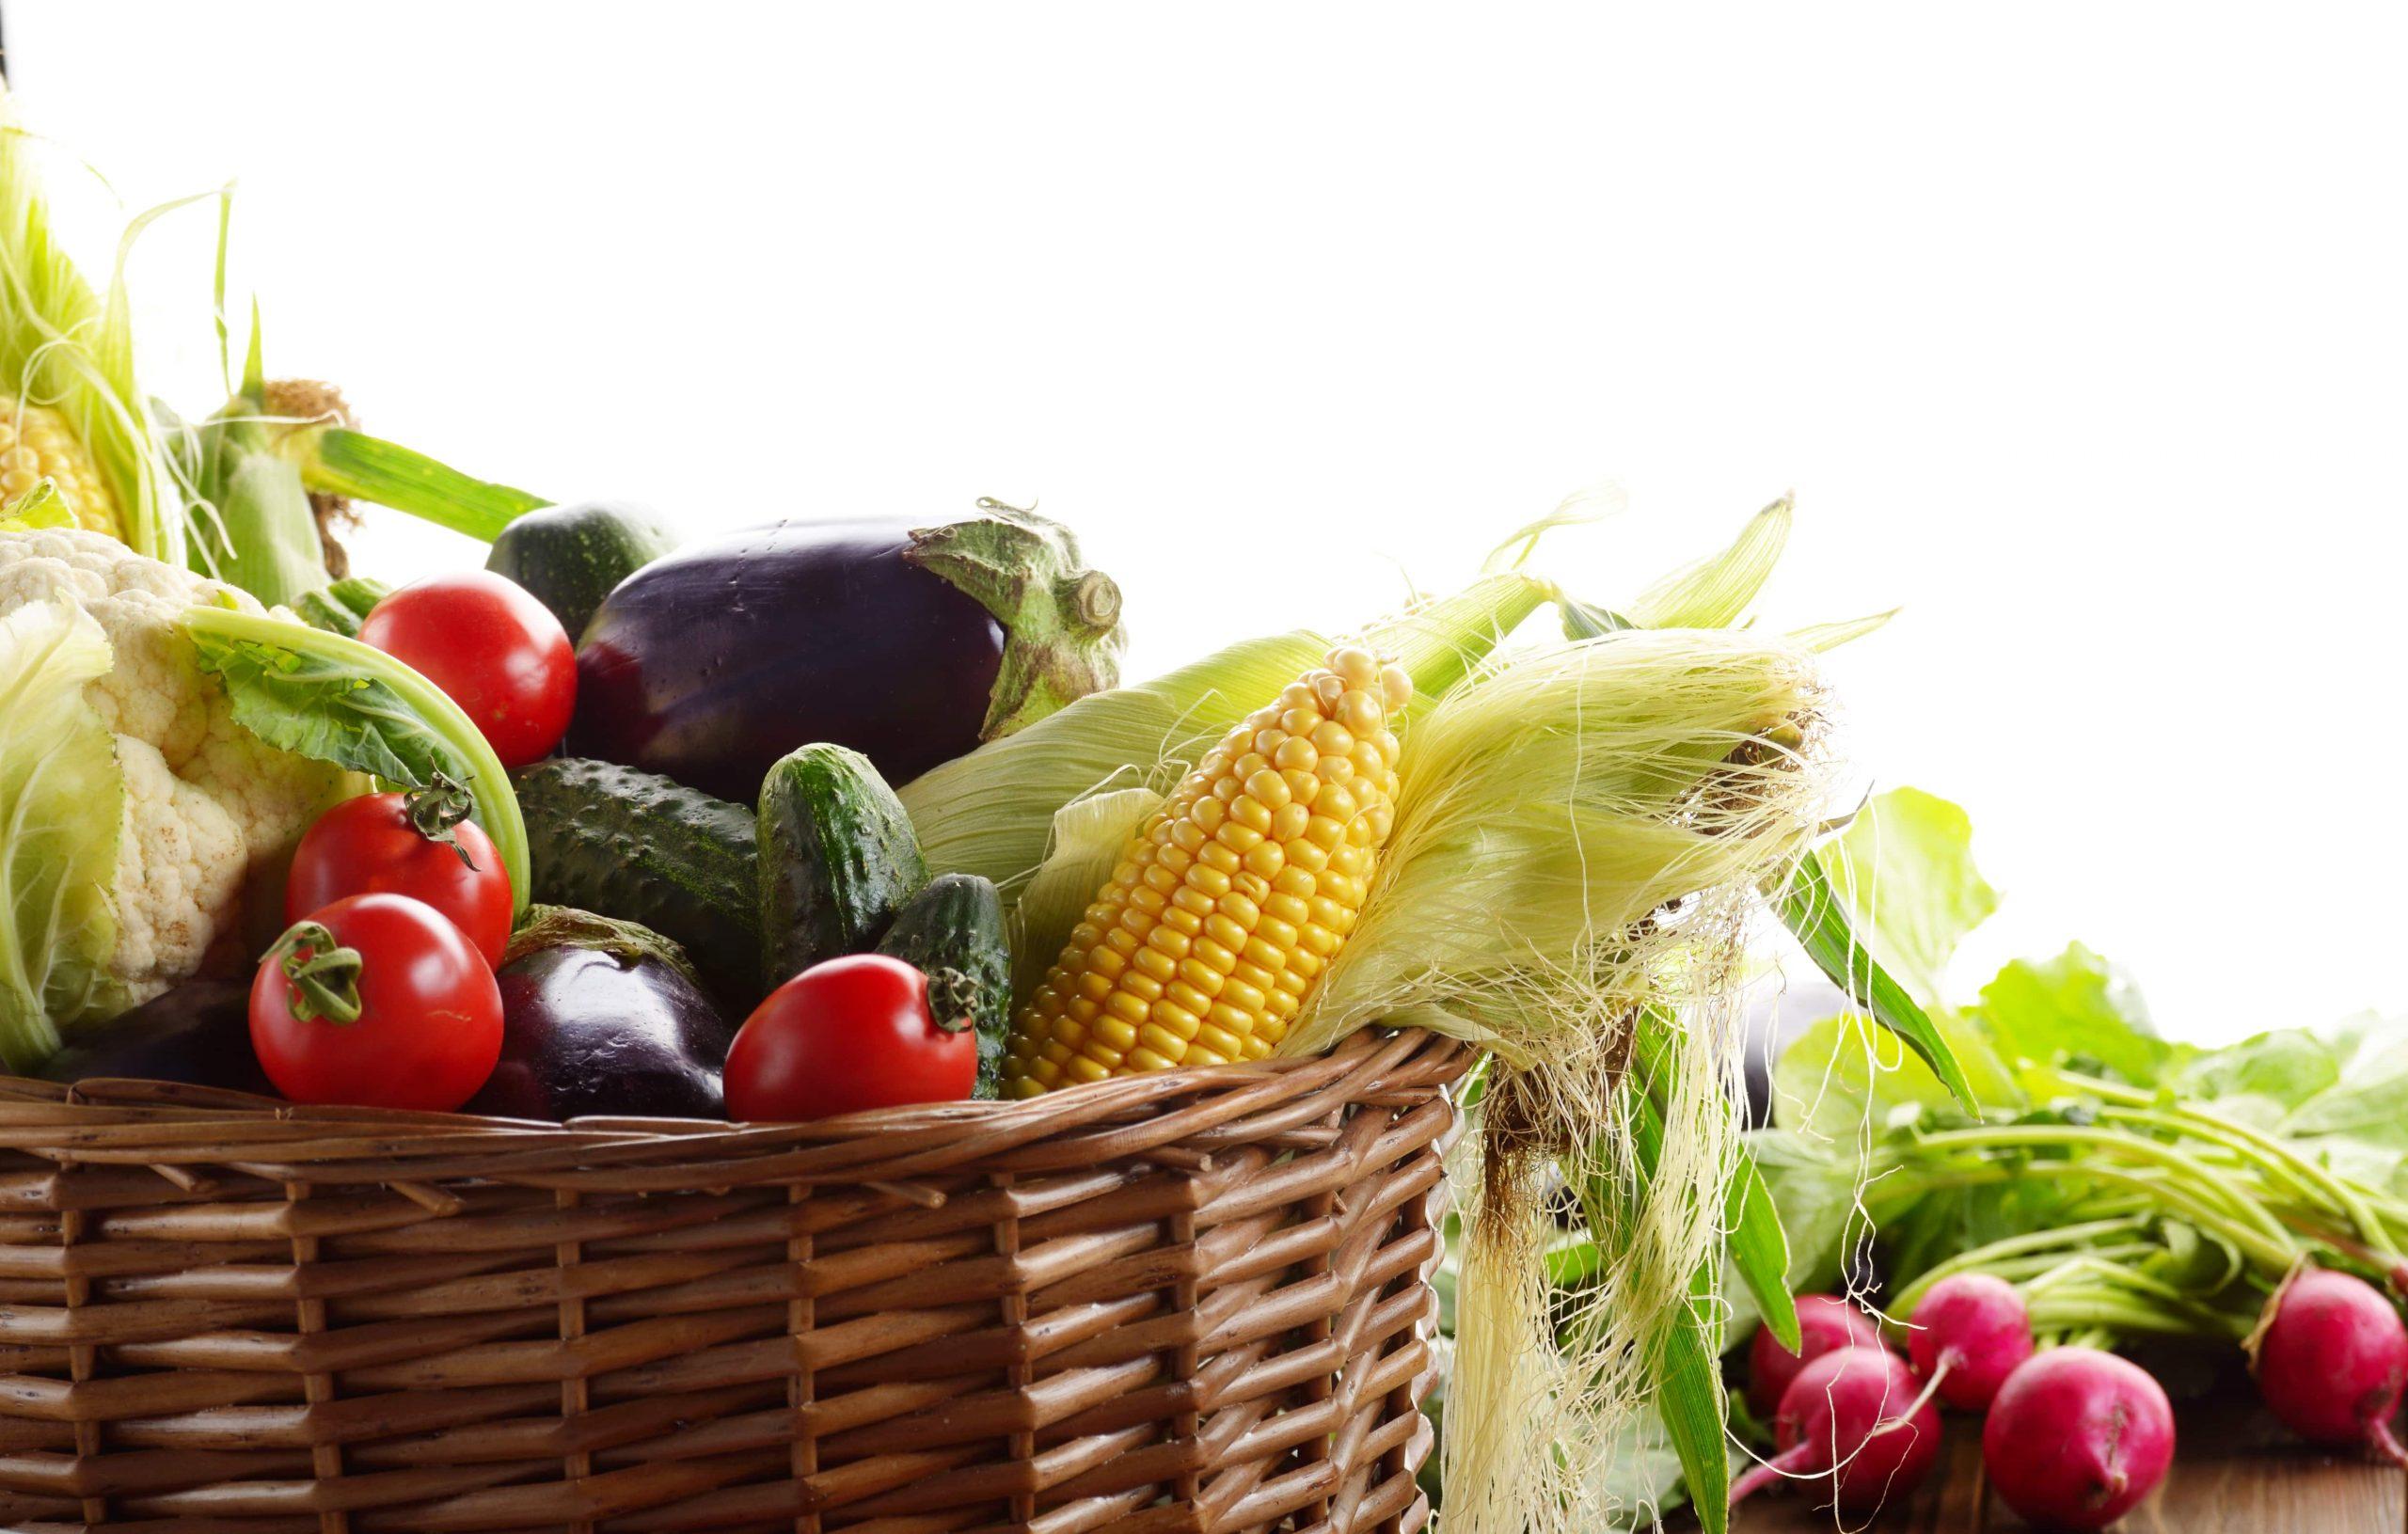 organic-vegetable-food-ingredients-in-the-basket-o-BJ5APHN